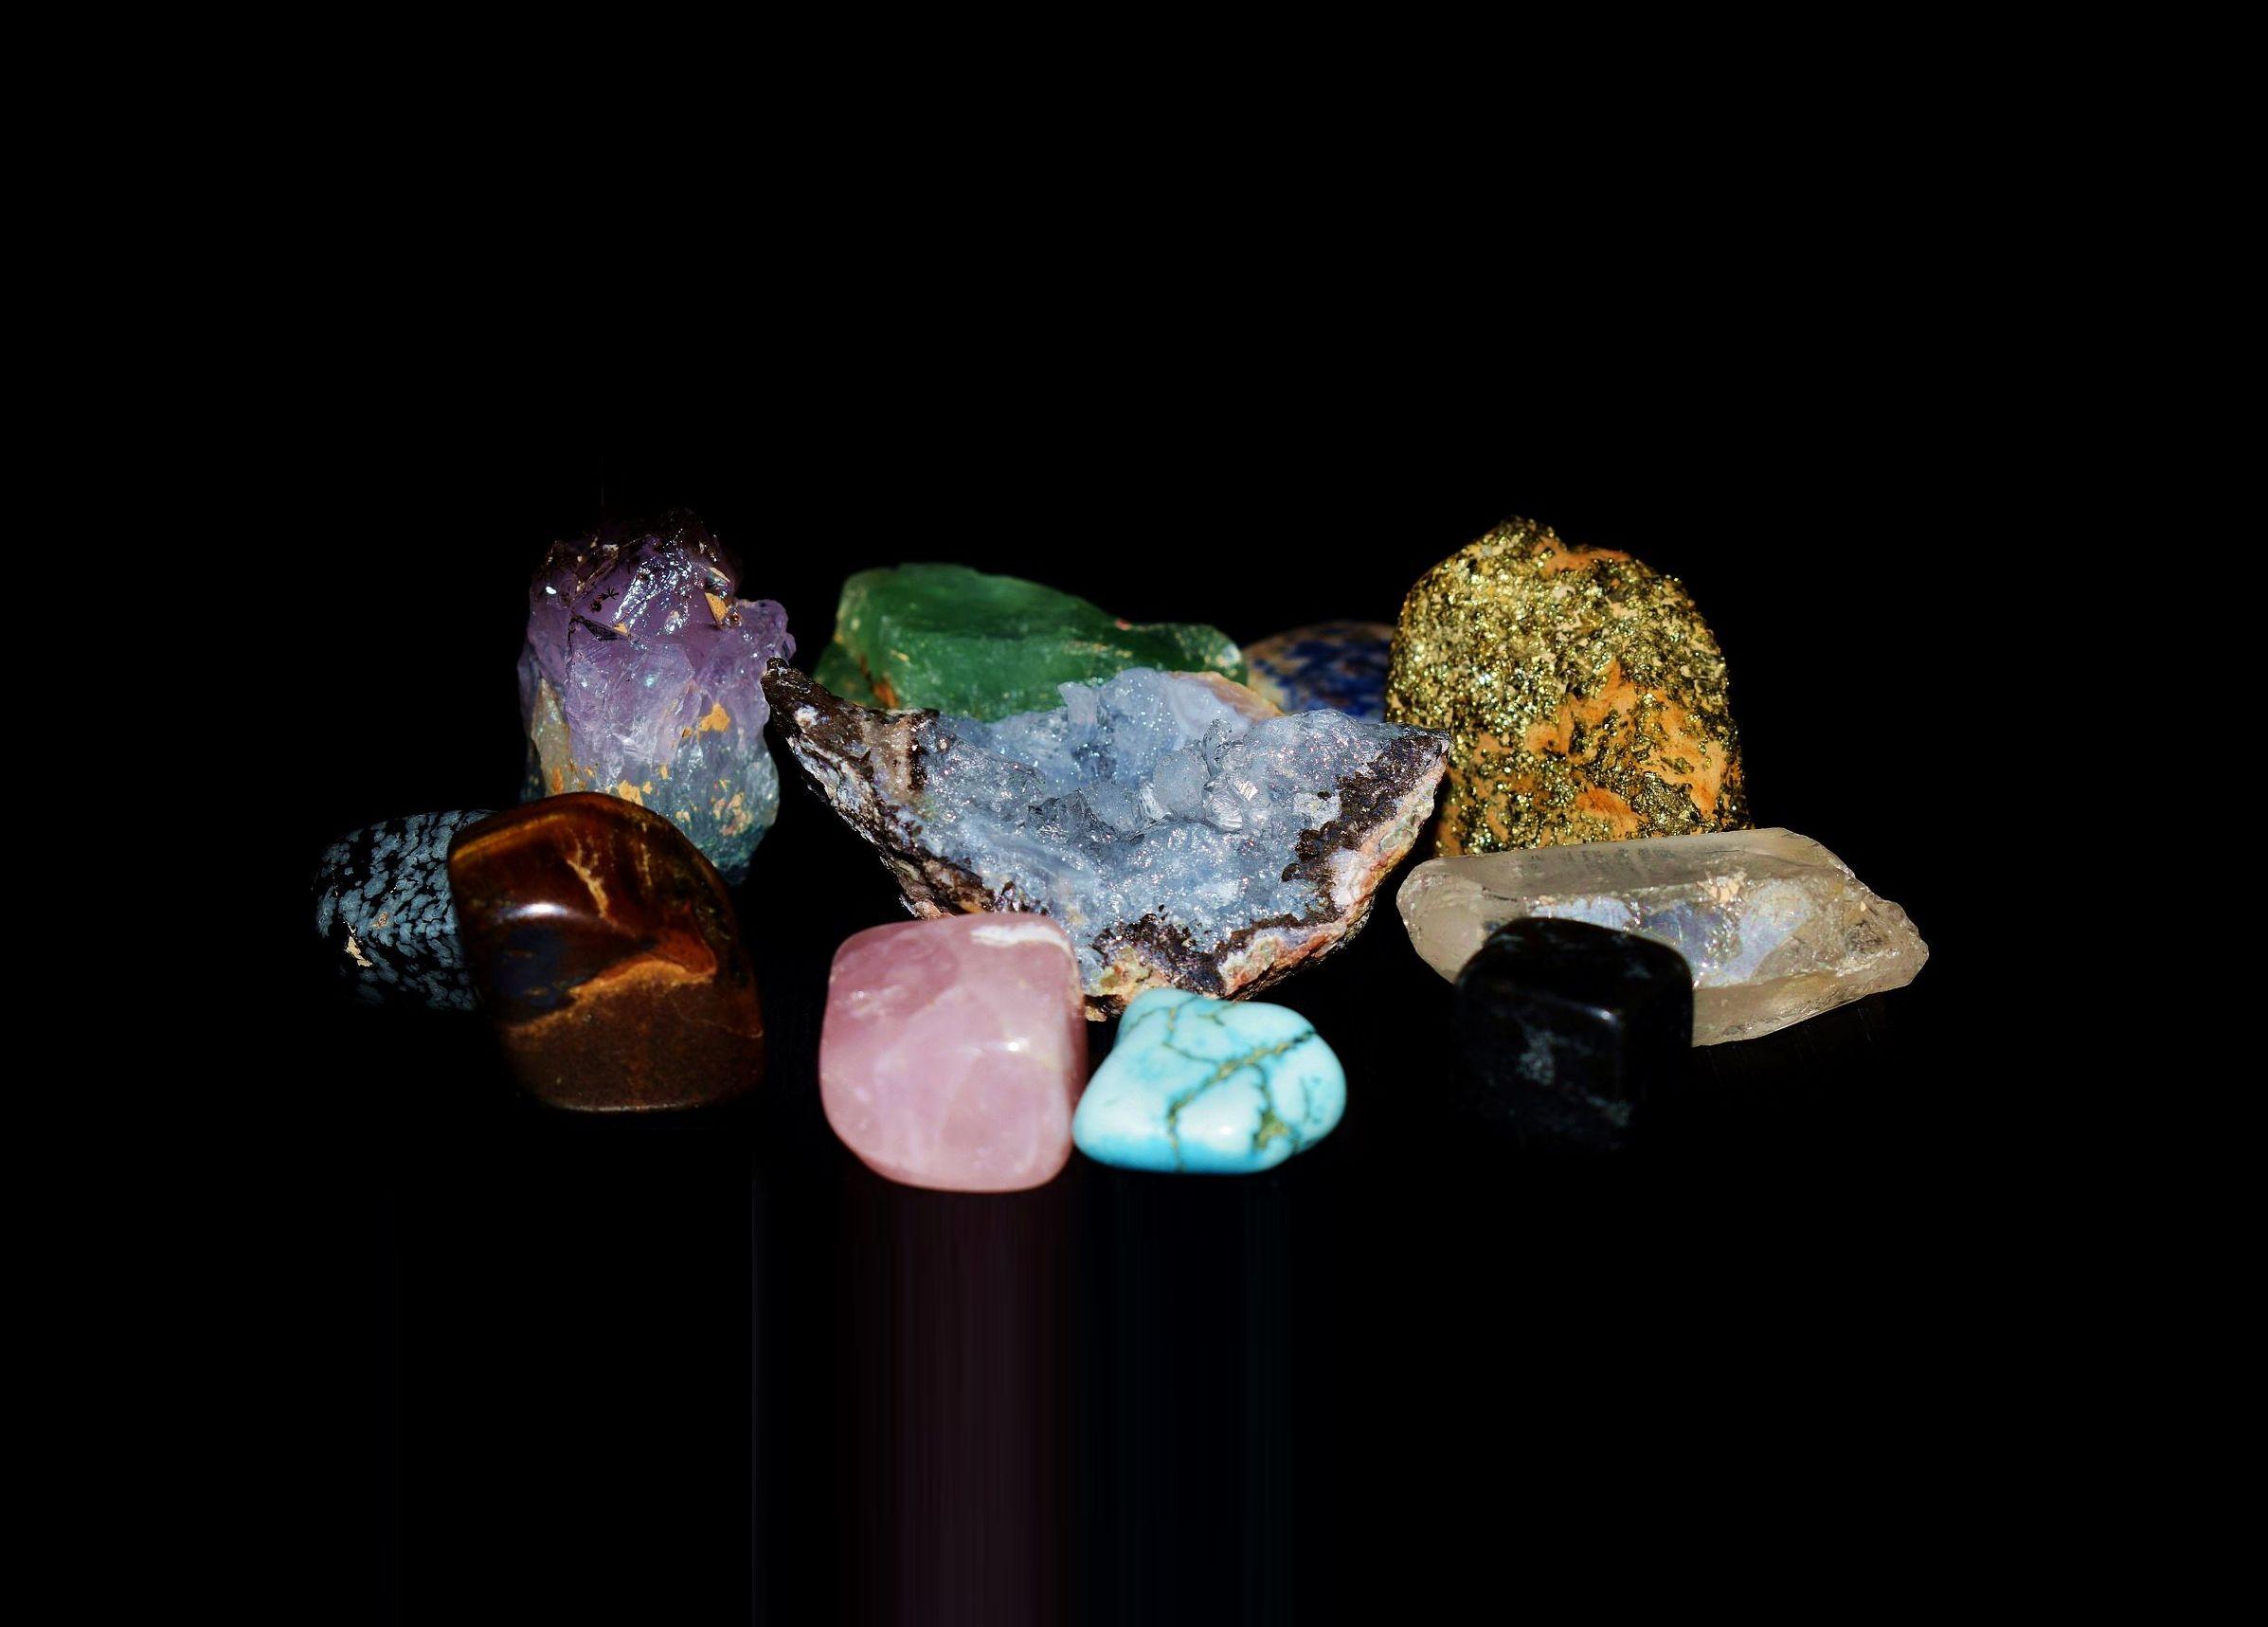 polodrahokamy-kameny